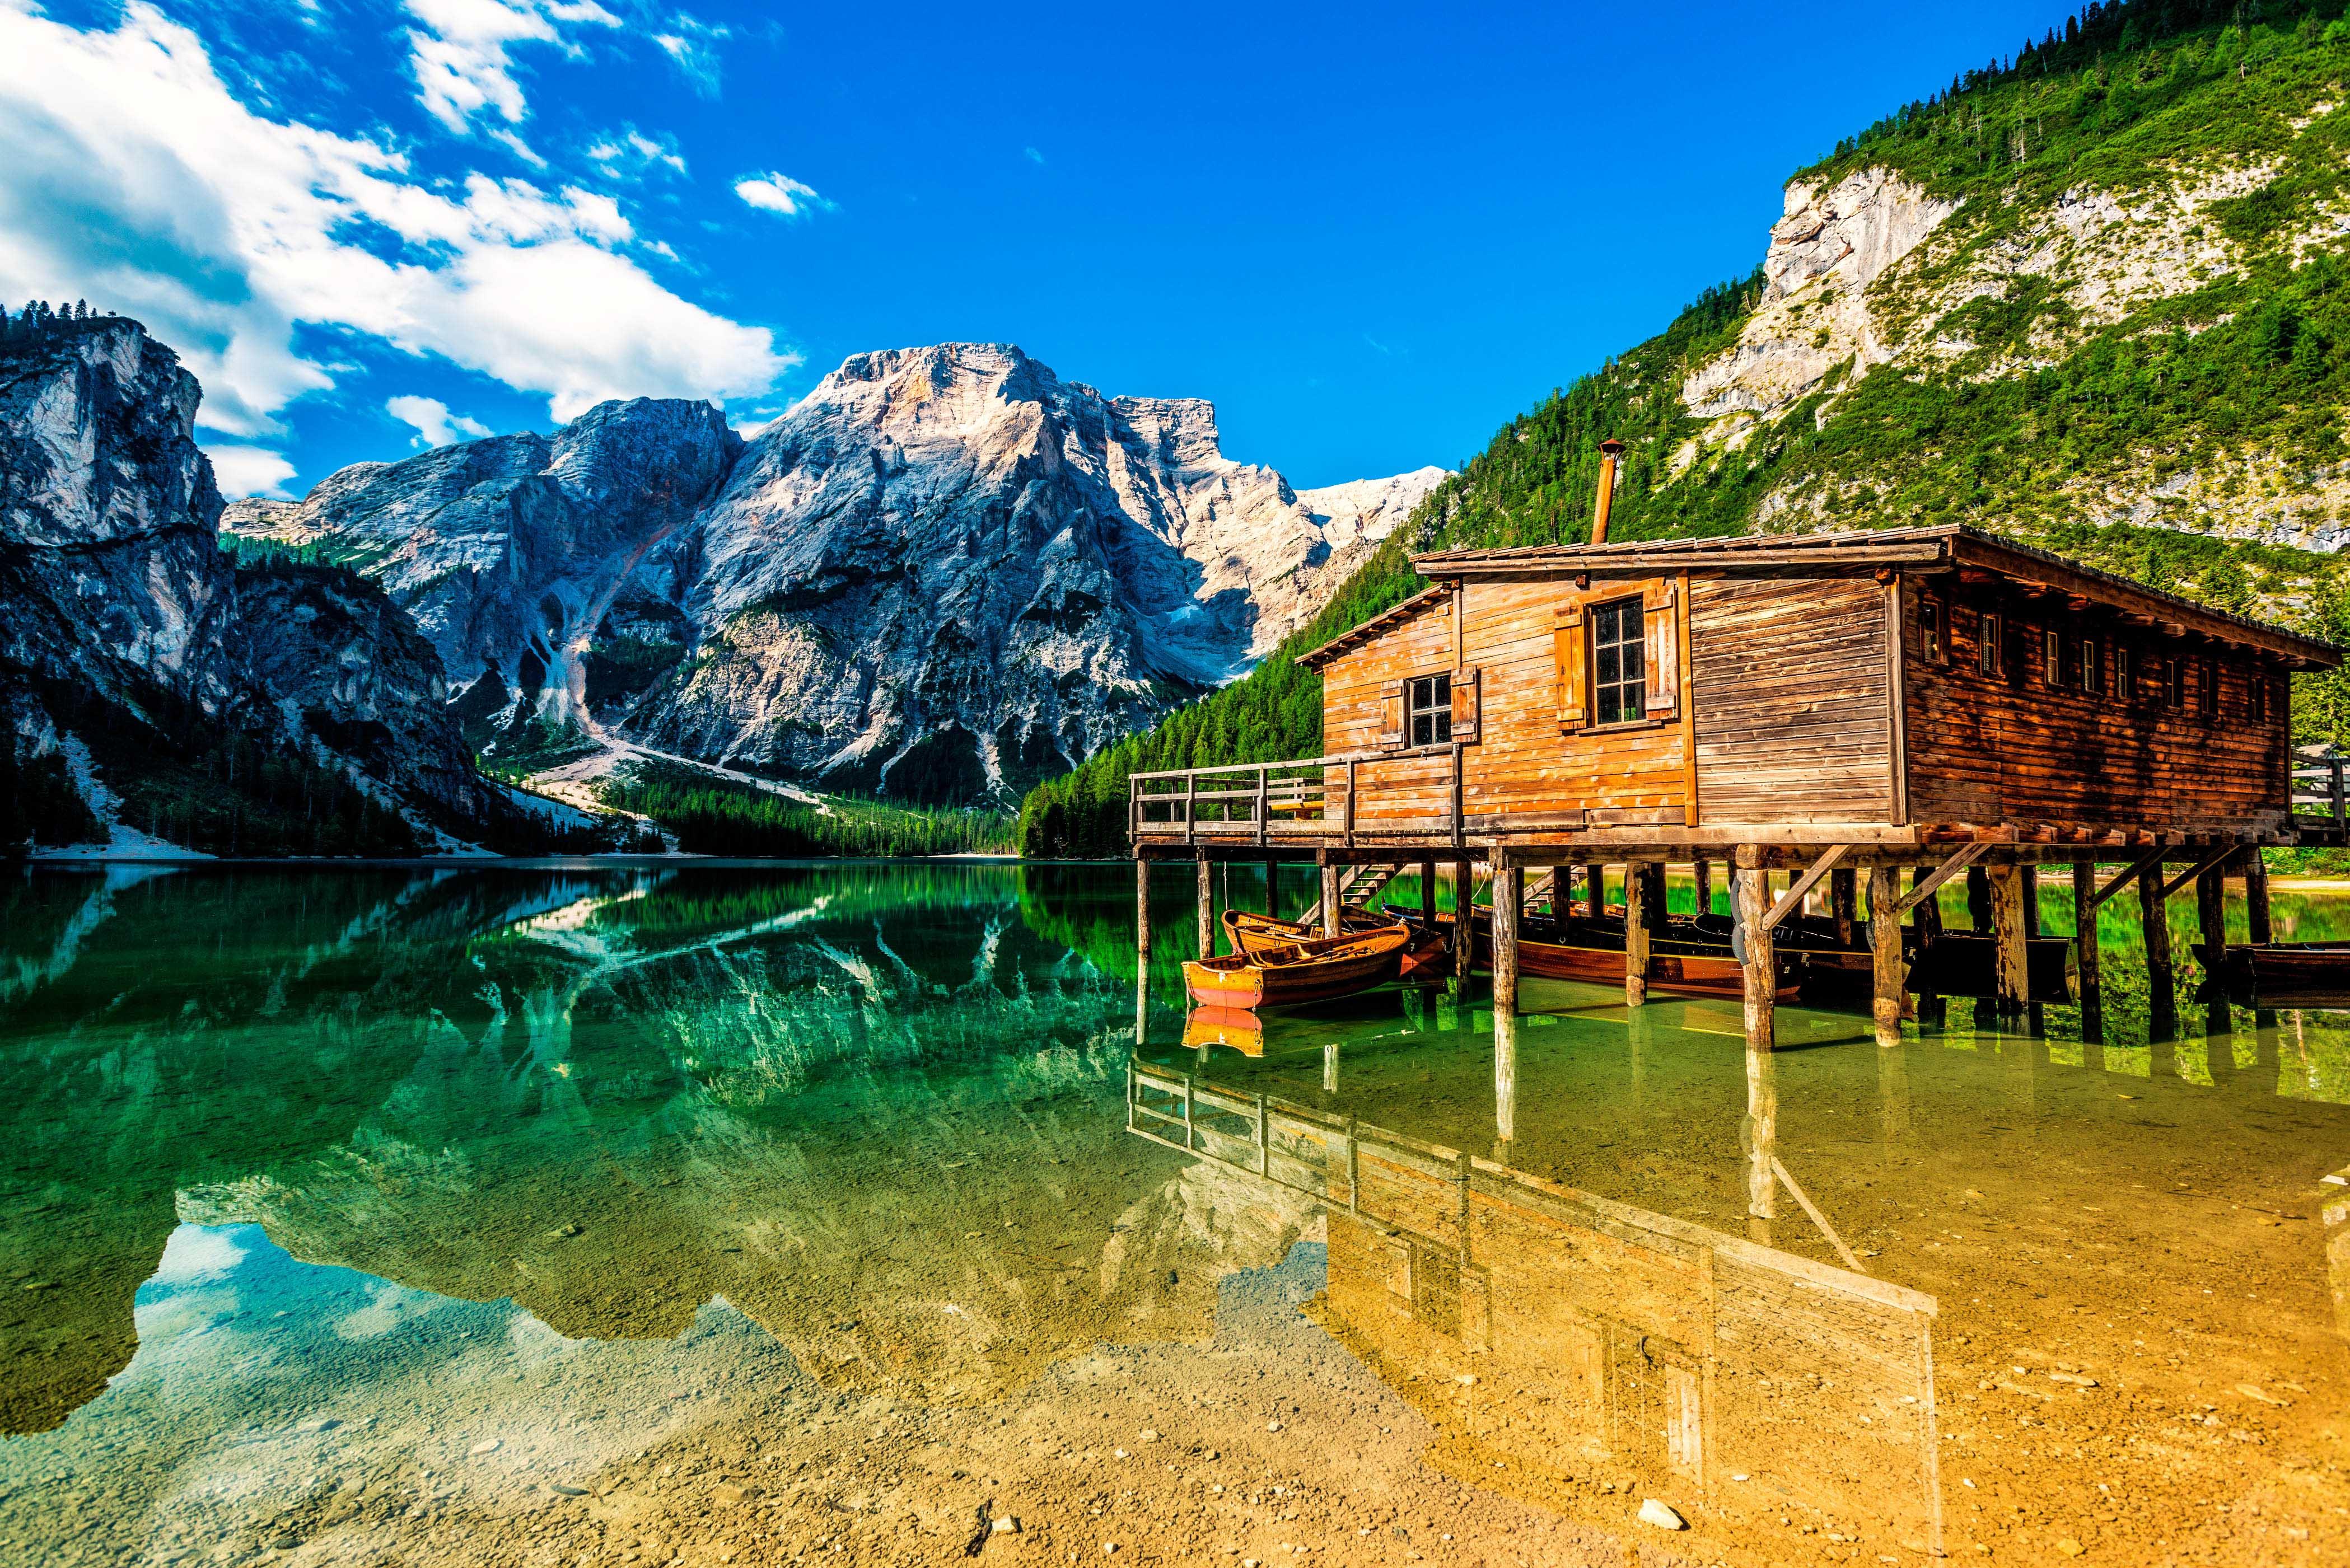 Die 5 schönsten Bergseen der Alpen, Pragser Wildsee